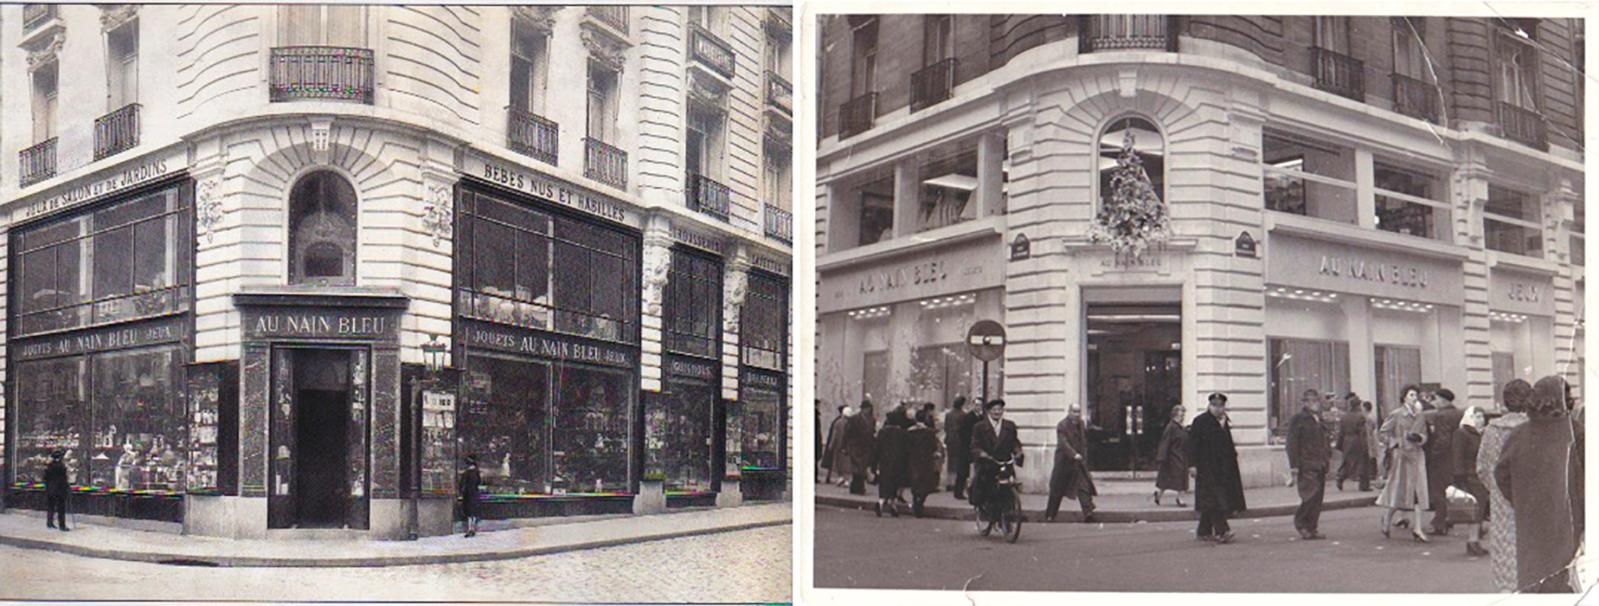 La boutique de la rue Saint-Honoré, avant-guerre et dans les années 1950.